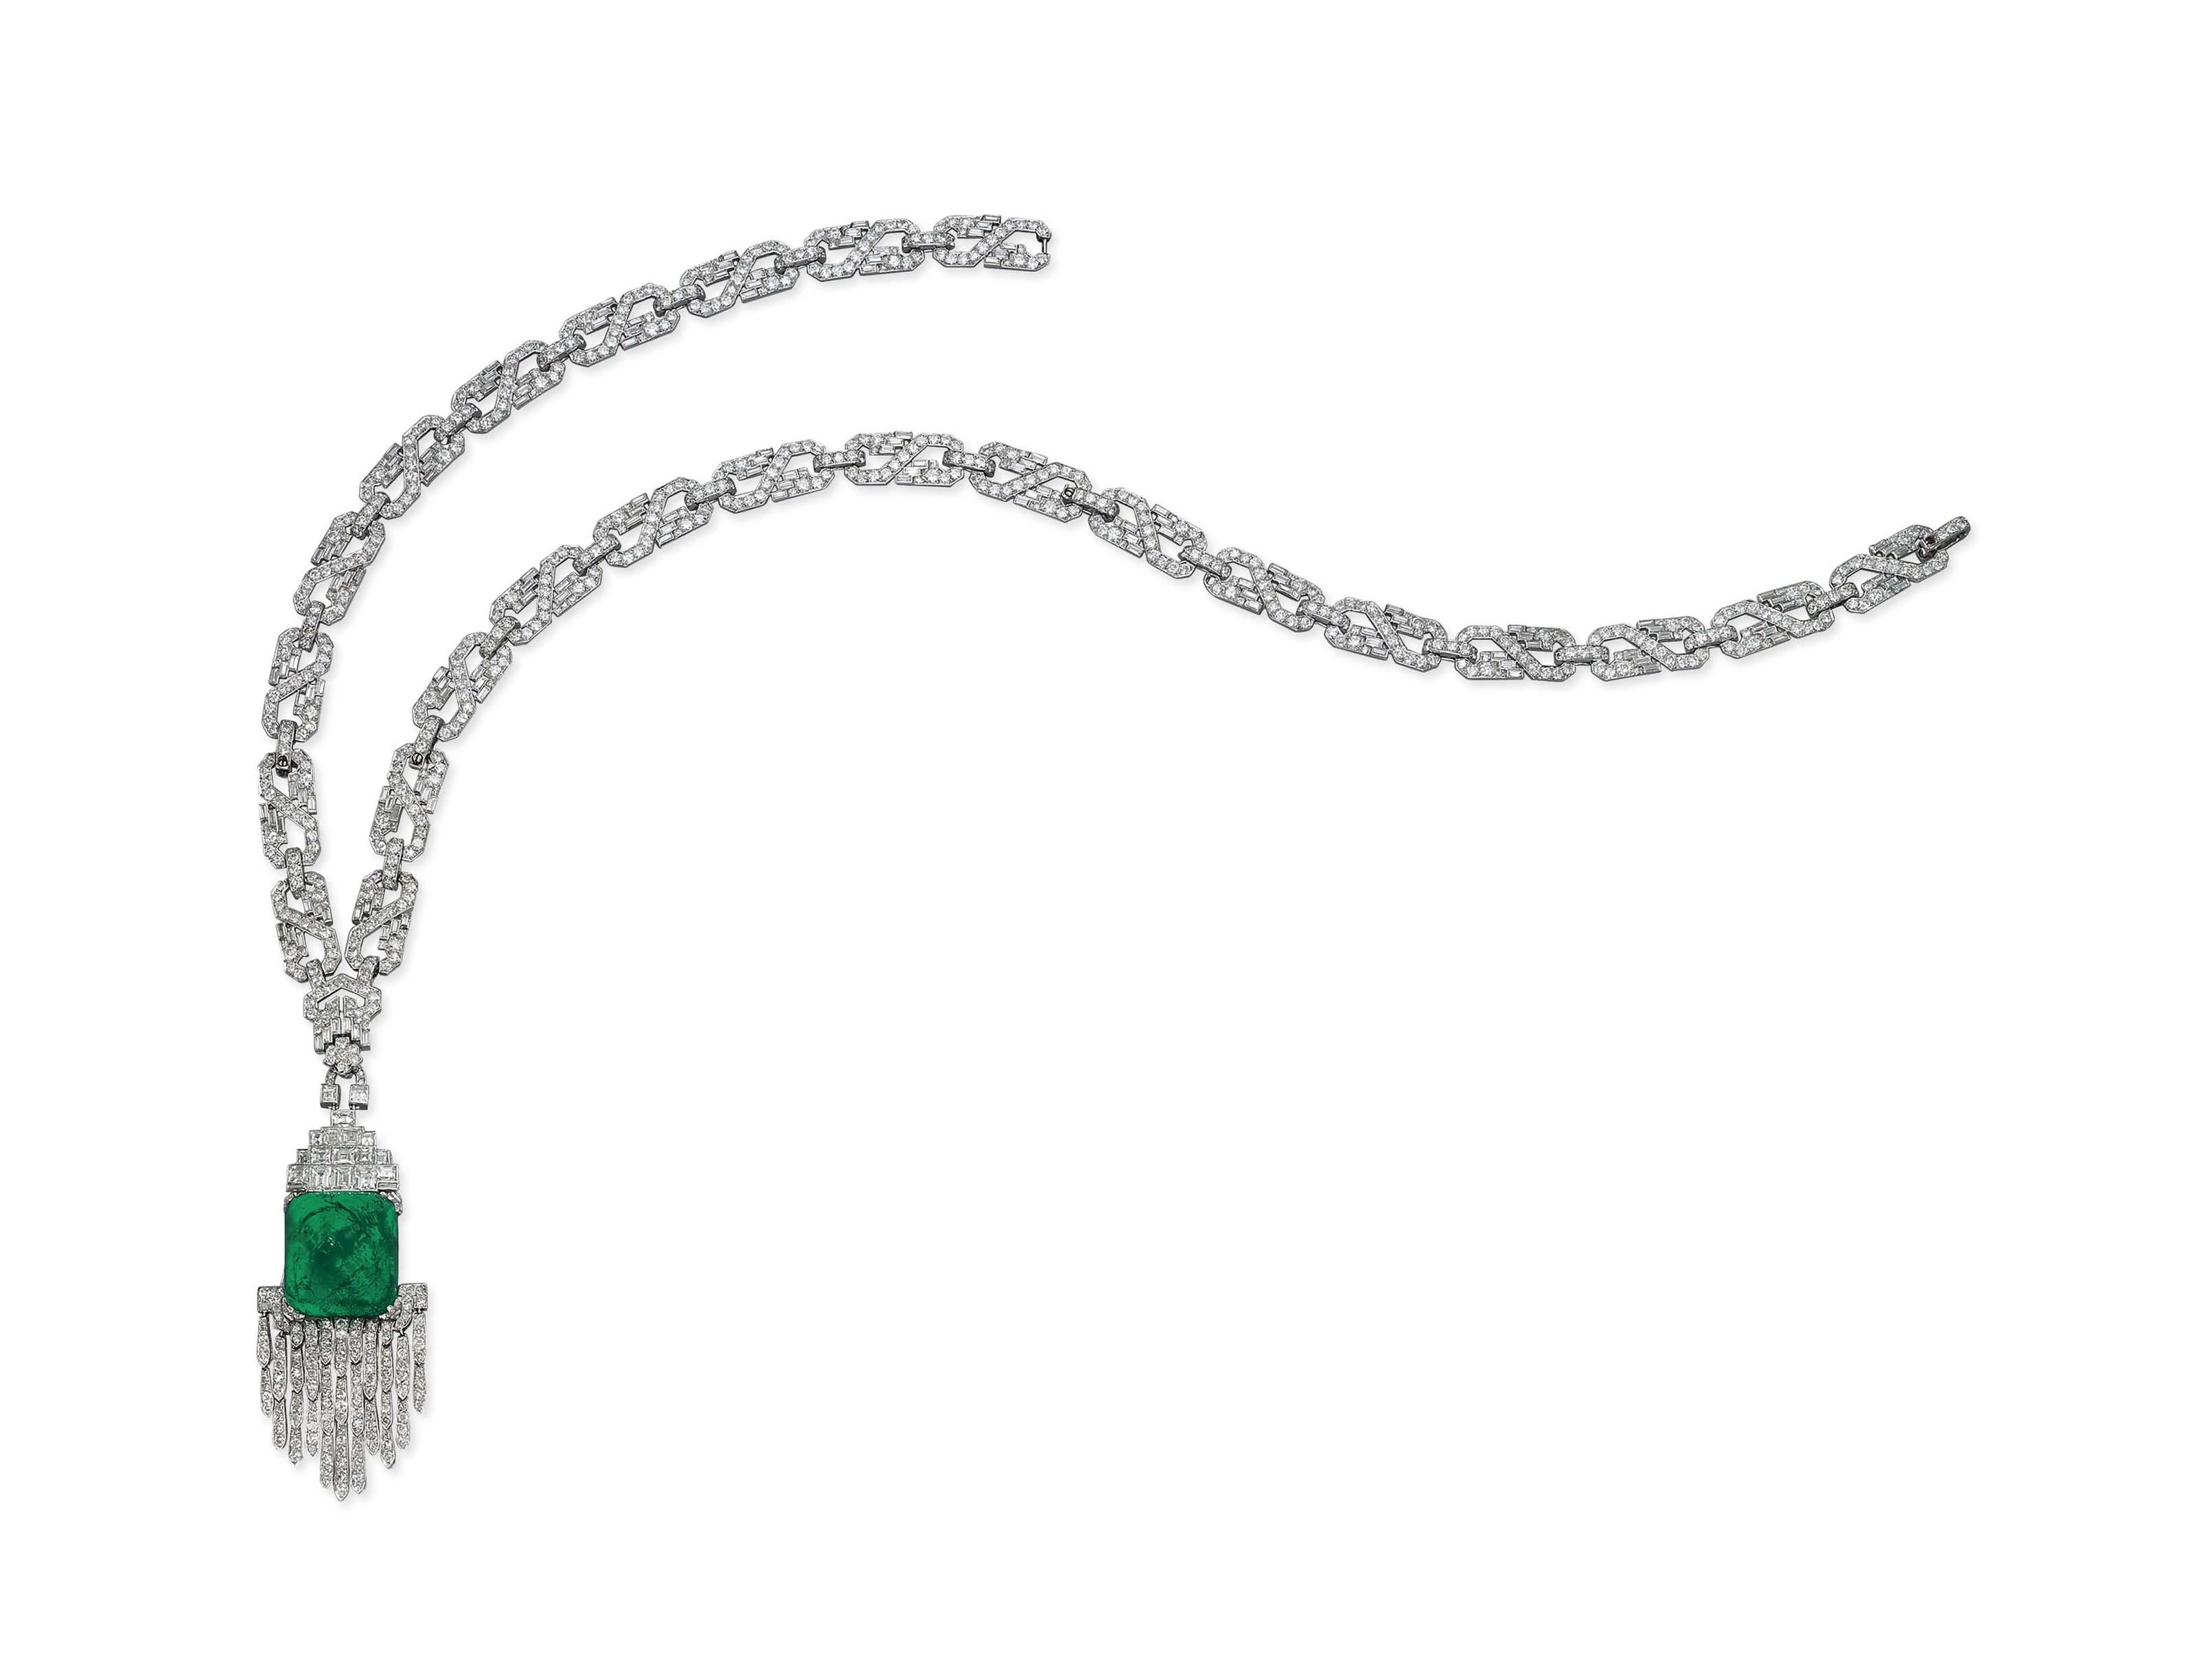 AN ART DECO EMERALD AND DIAMOND SAUTOIR, BY MAUBOUSSIN